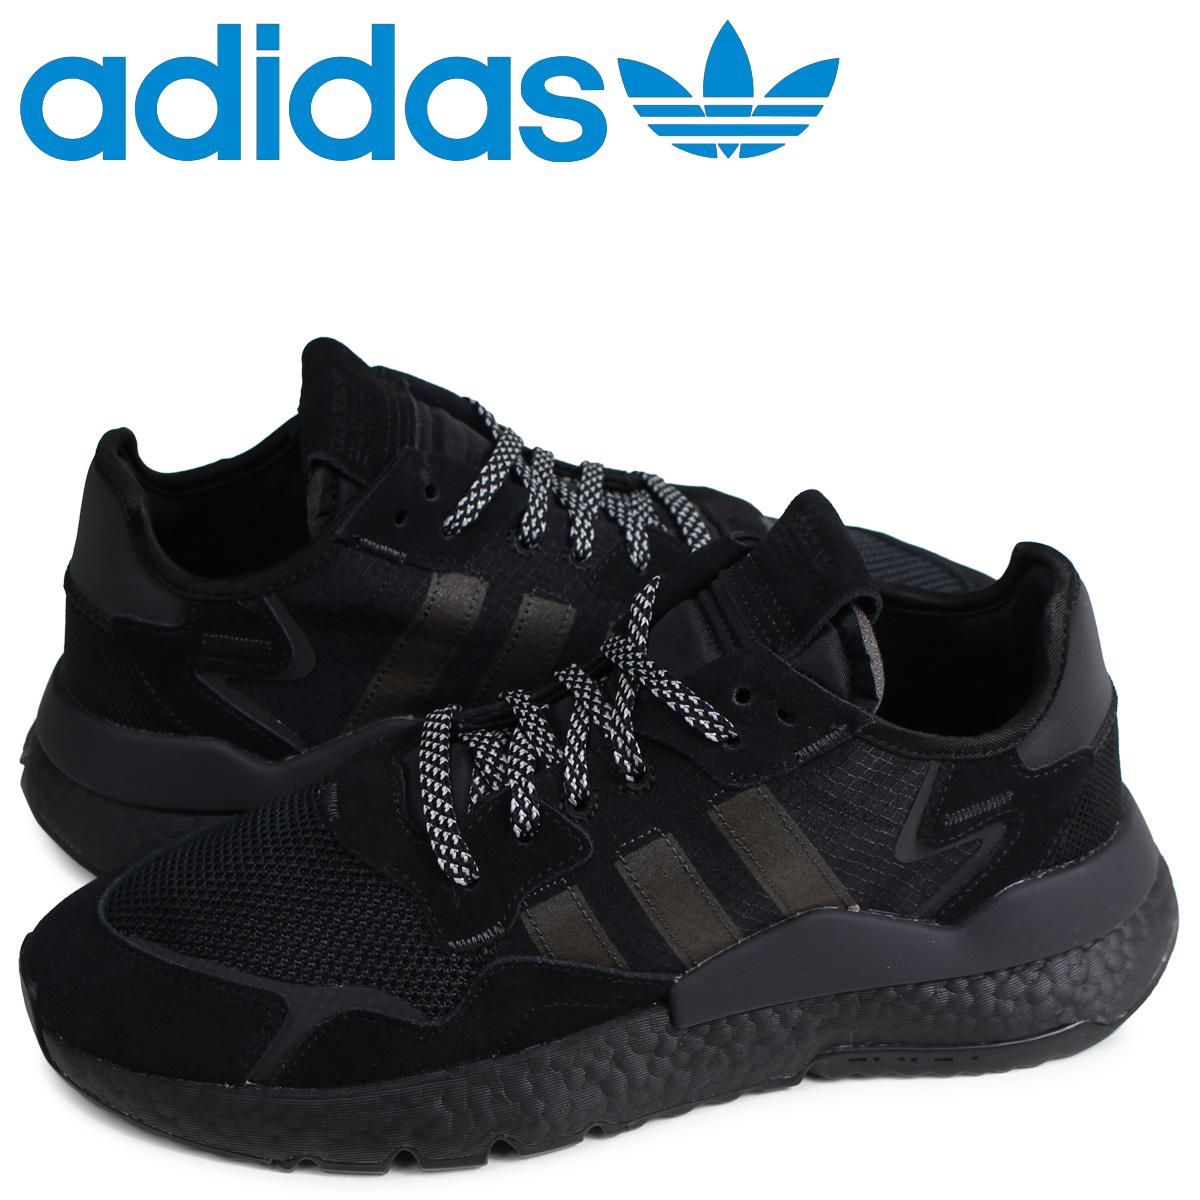 アディダス オリジナルス adidas Originals ナイトジョガー スニーカー メンズ NITE JOGGER ブラック 黒 BD7954